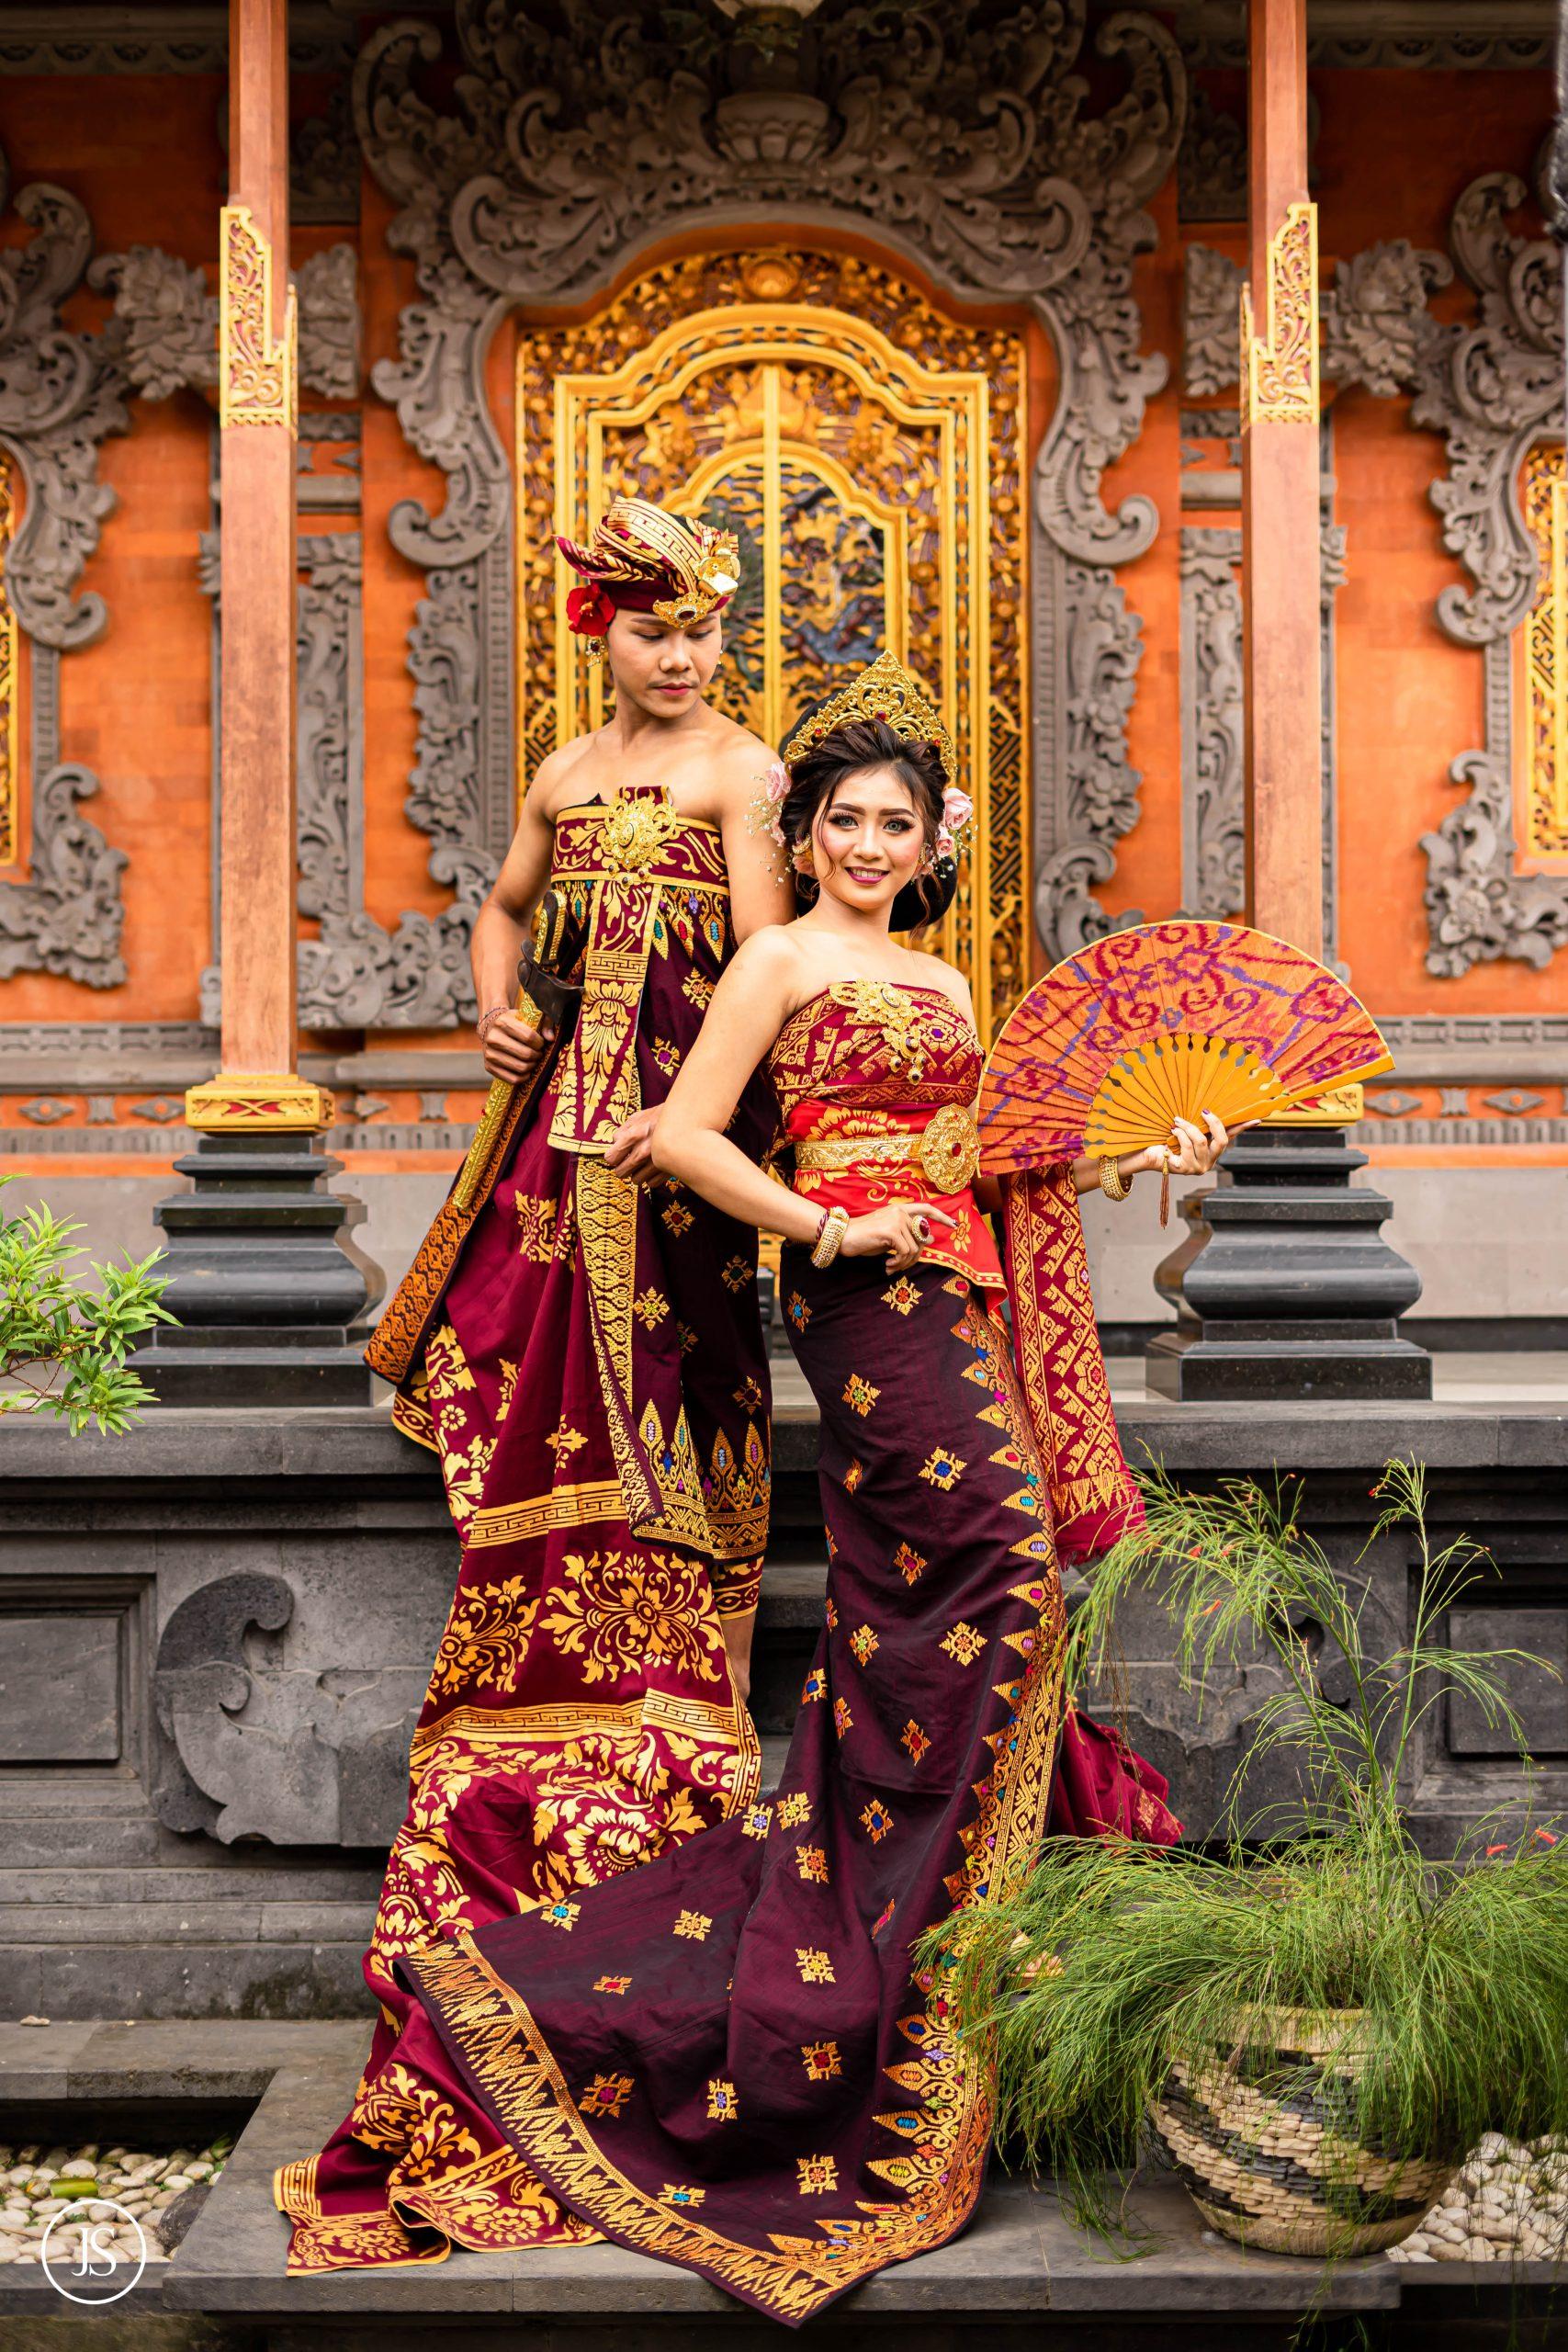 payas agung pakaian adat bali Archives - Yuka Makeup - Bali Makeup